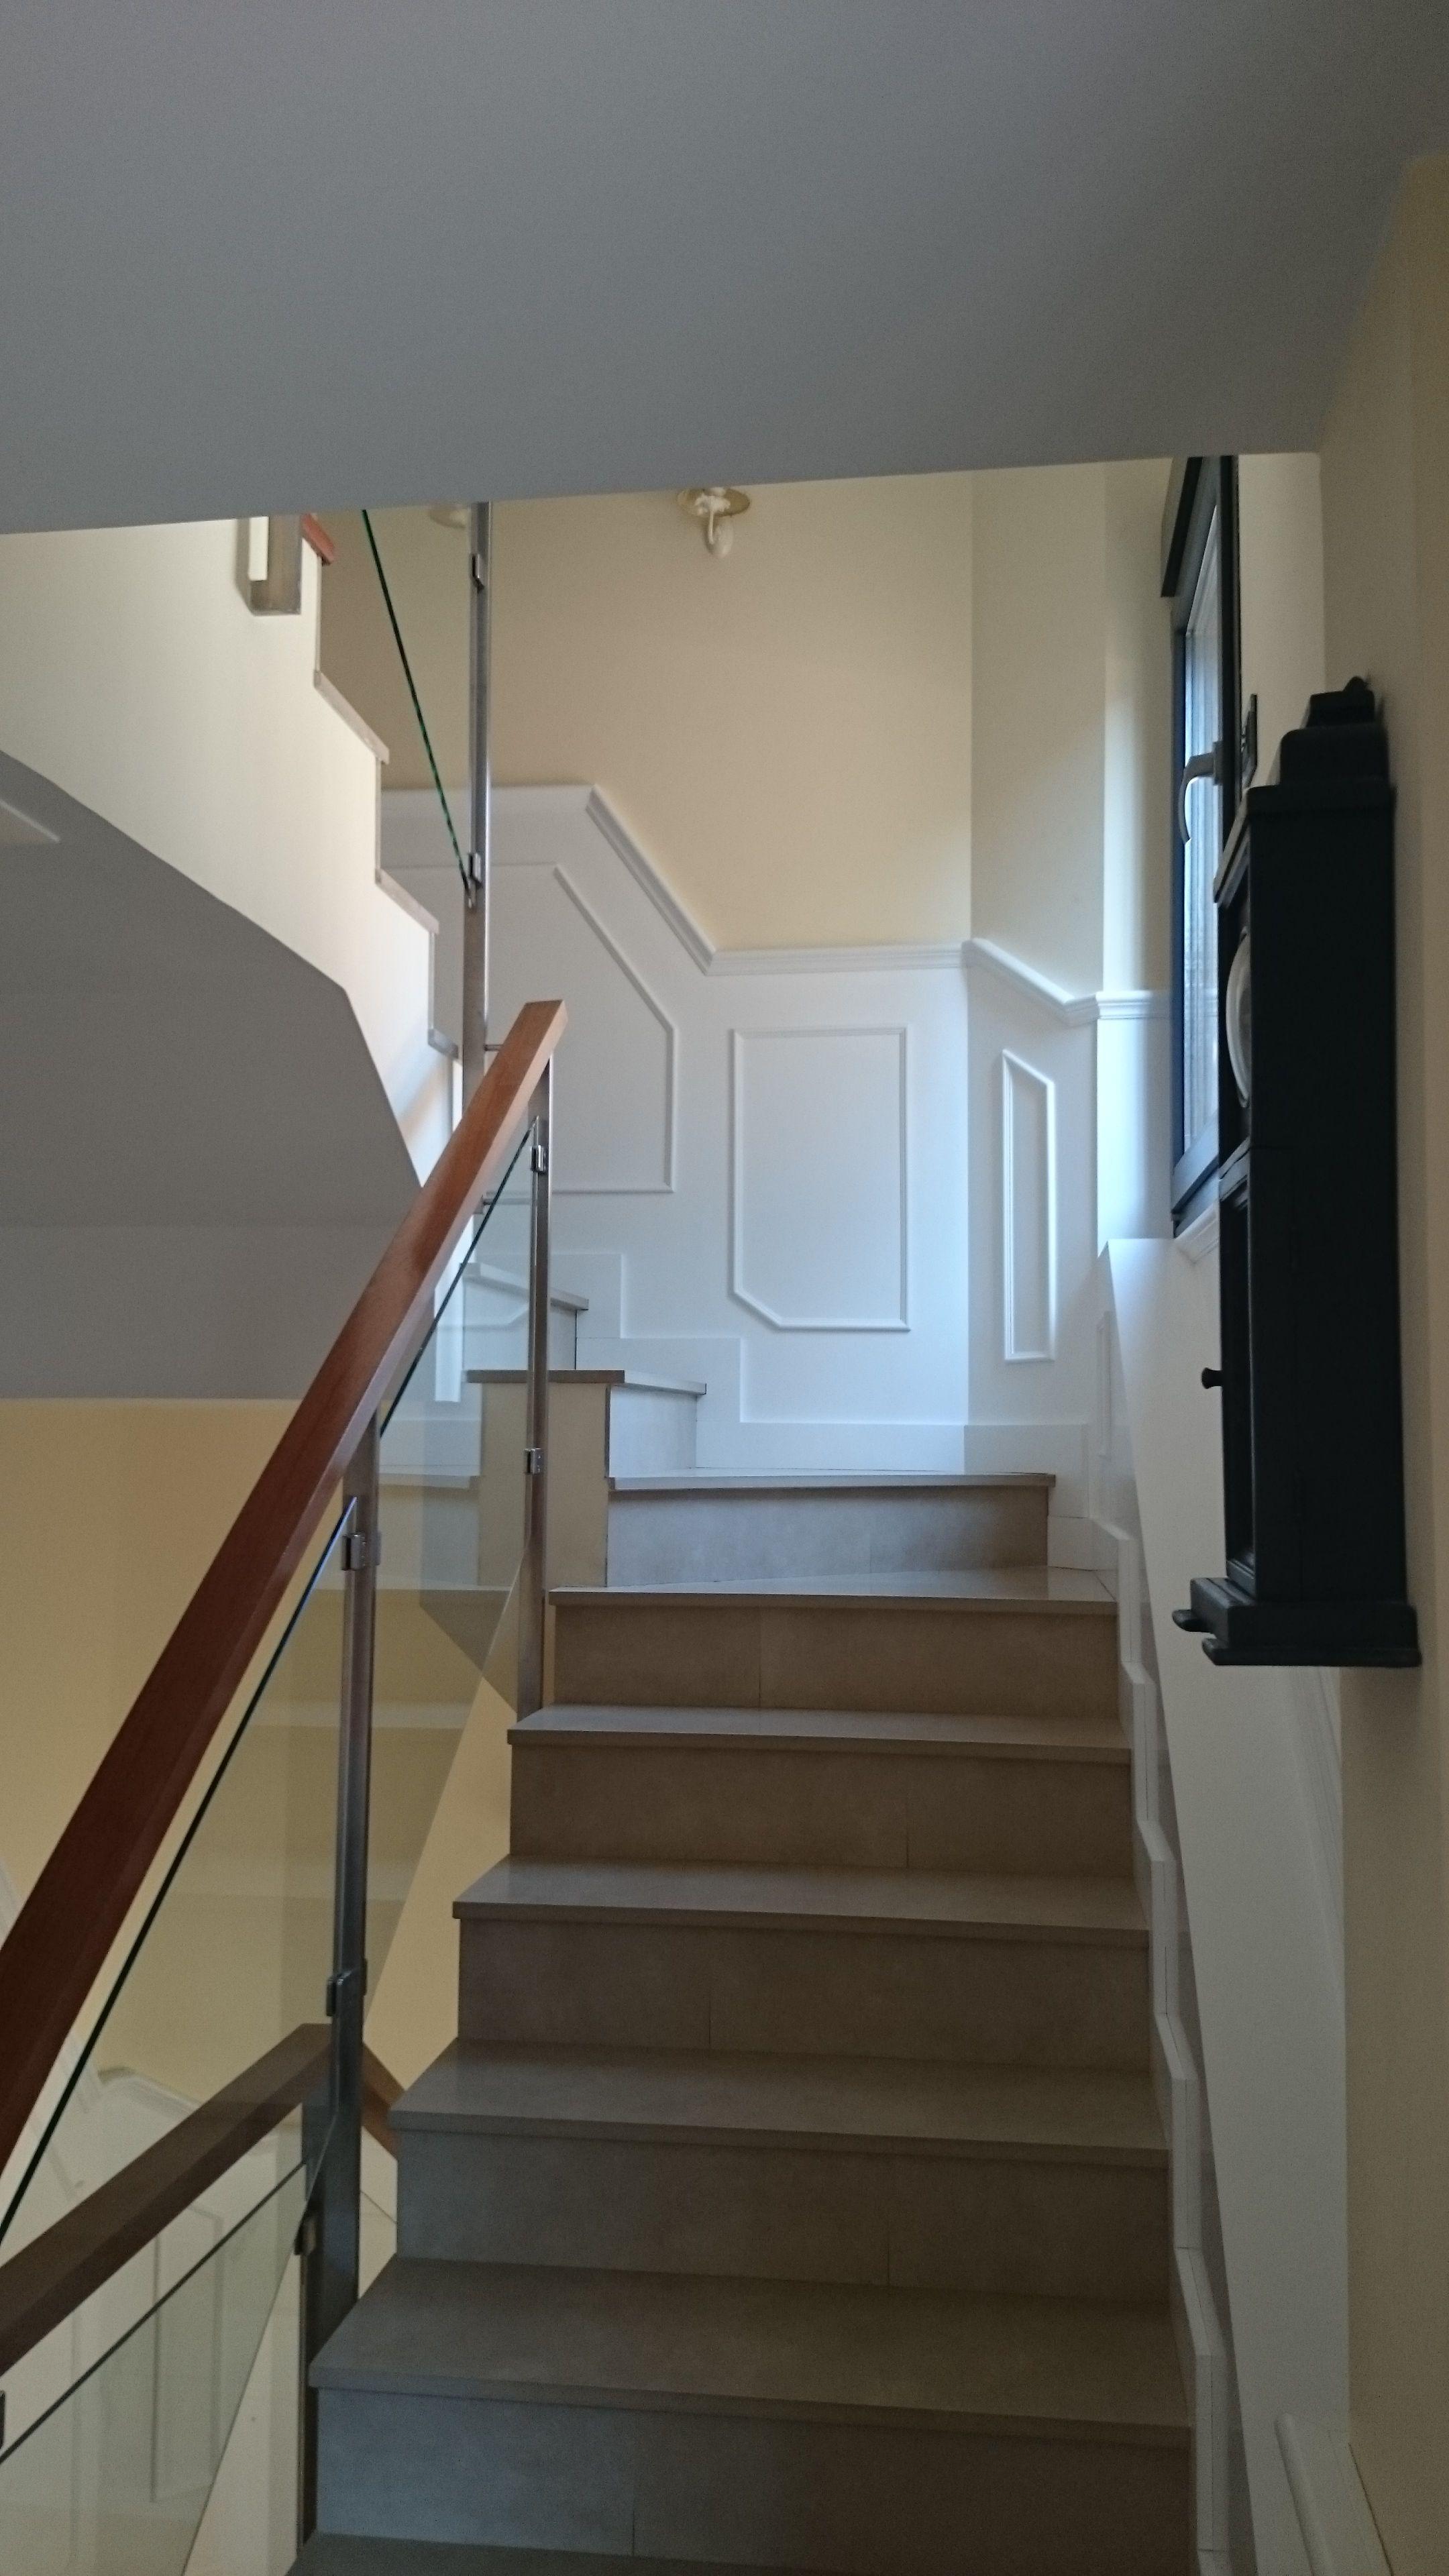 Barandilla de cristal y madera propio fabricaci n de friso lacado en blanco escaleras in Escaleras de cristal y madera